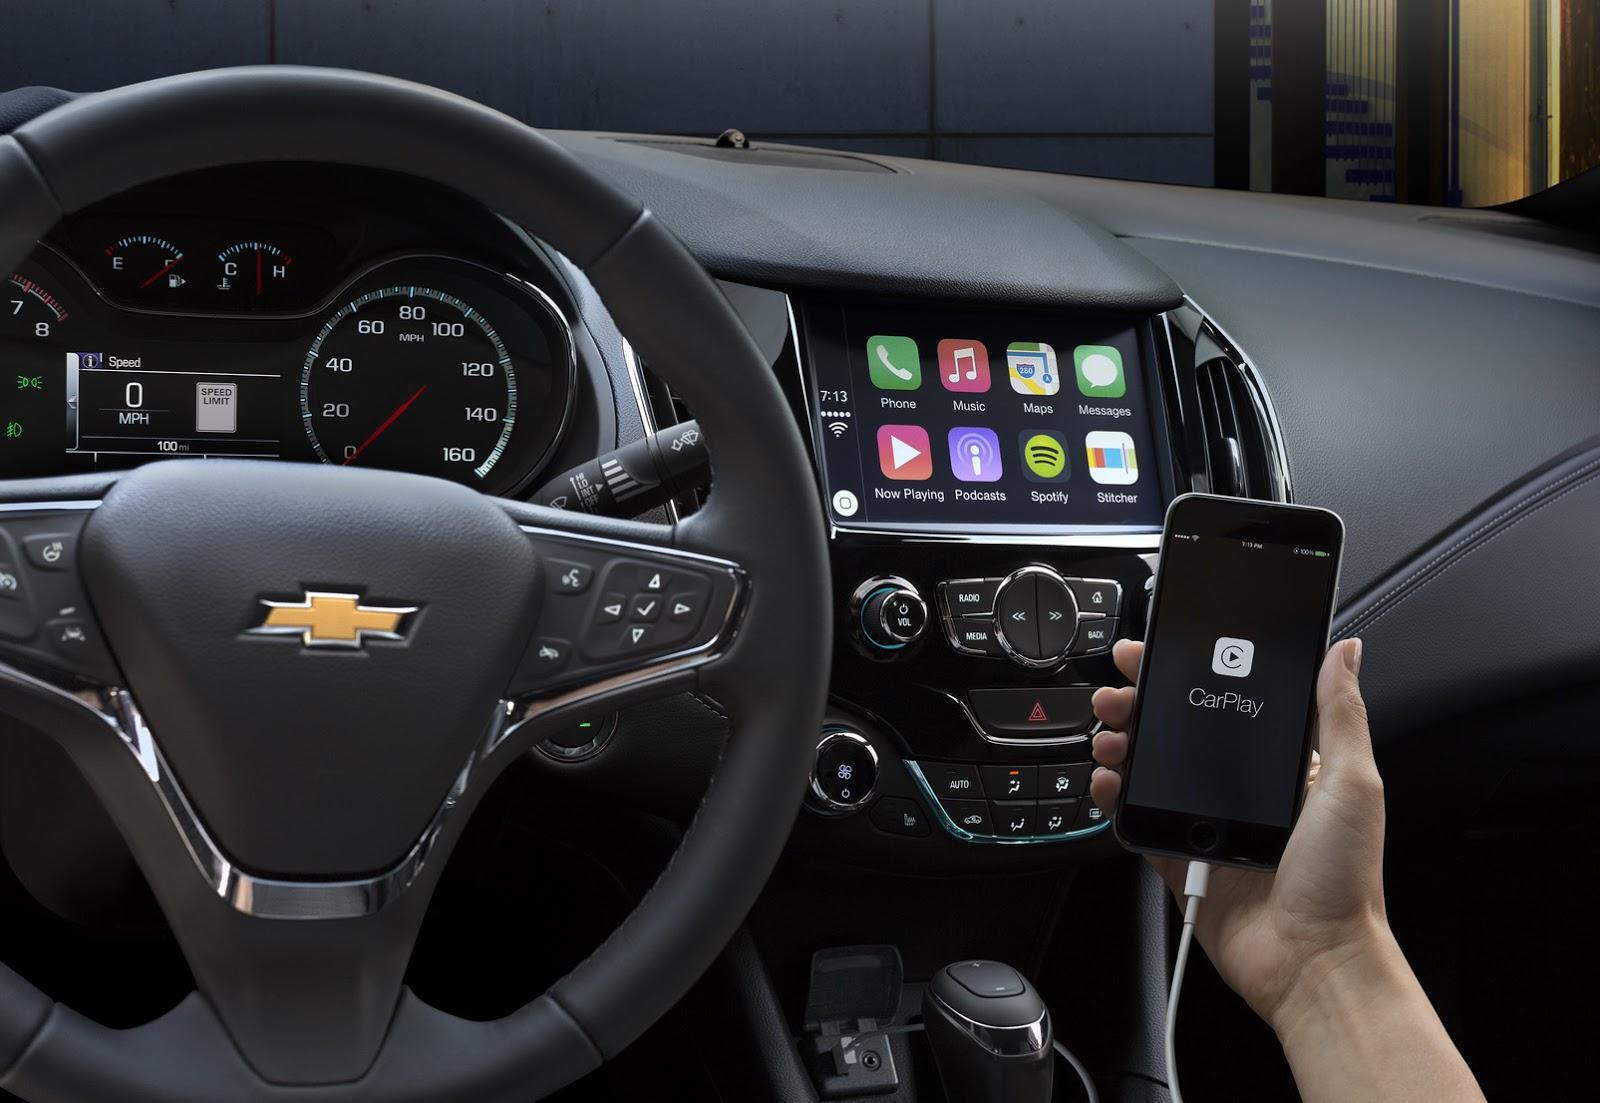 2016chevroletcruze10 1435224463 Ra mắt Chevrolet Cruze 2016, rộng hơn, nhẹ hơn và nhiều công nghệ